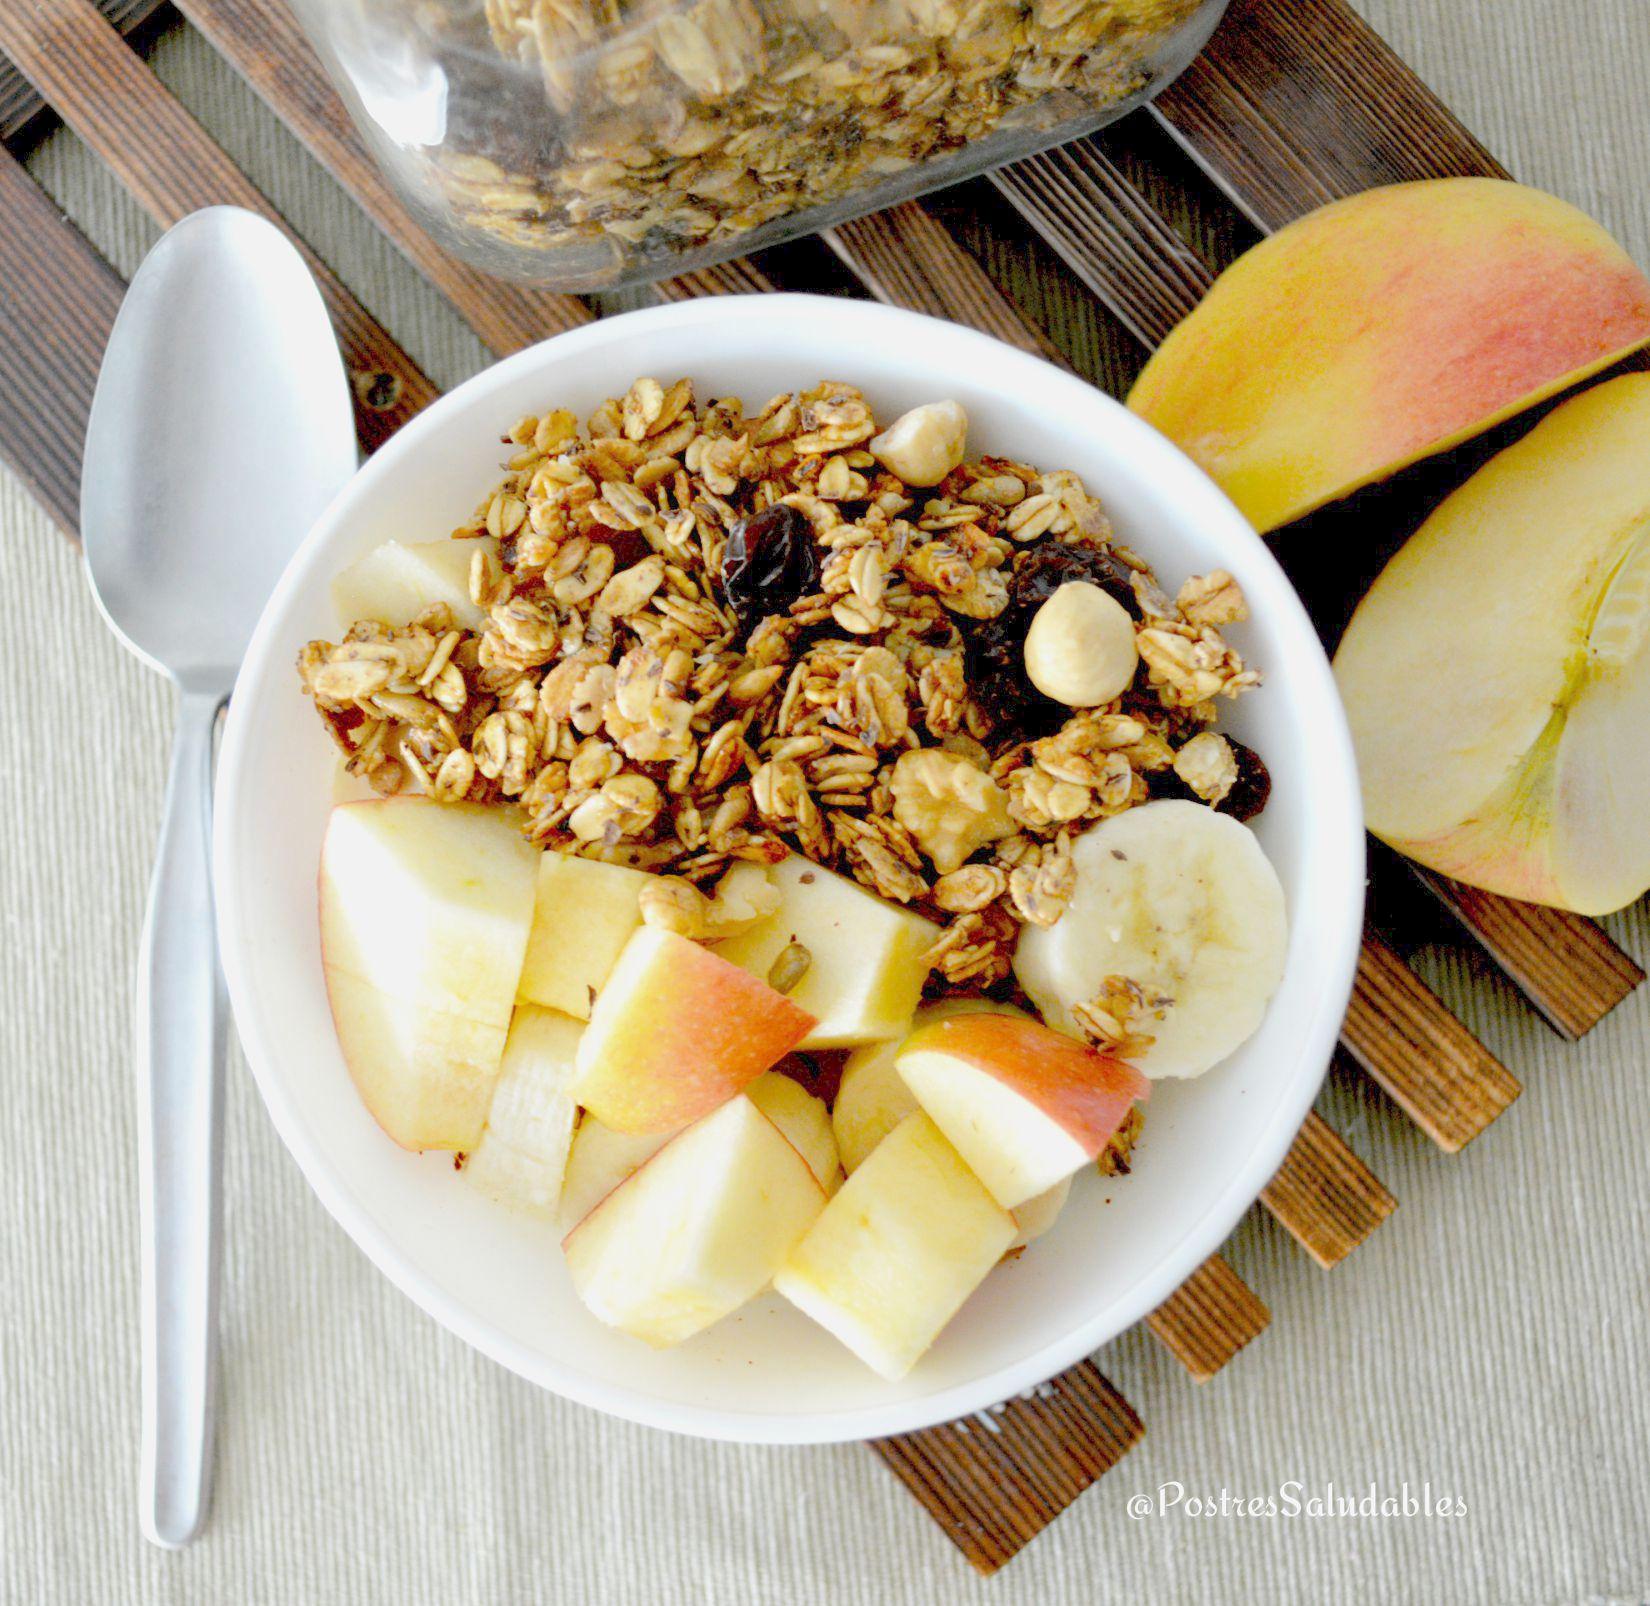 Postres saludables c mo hacer cereales caseros saludables - Desayunos en casa ...